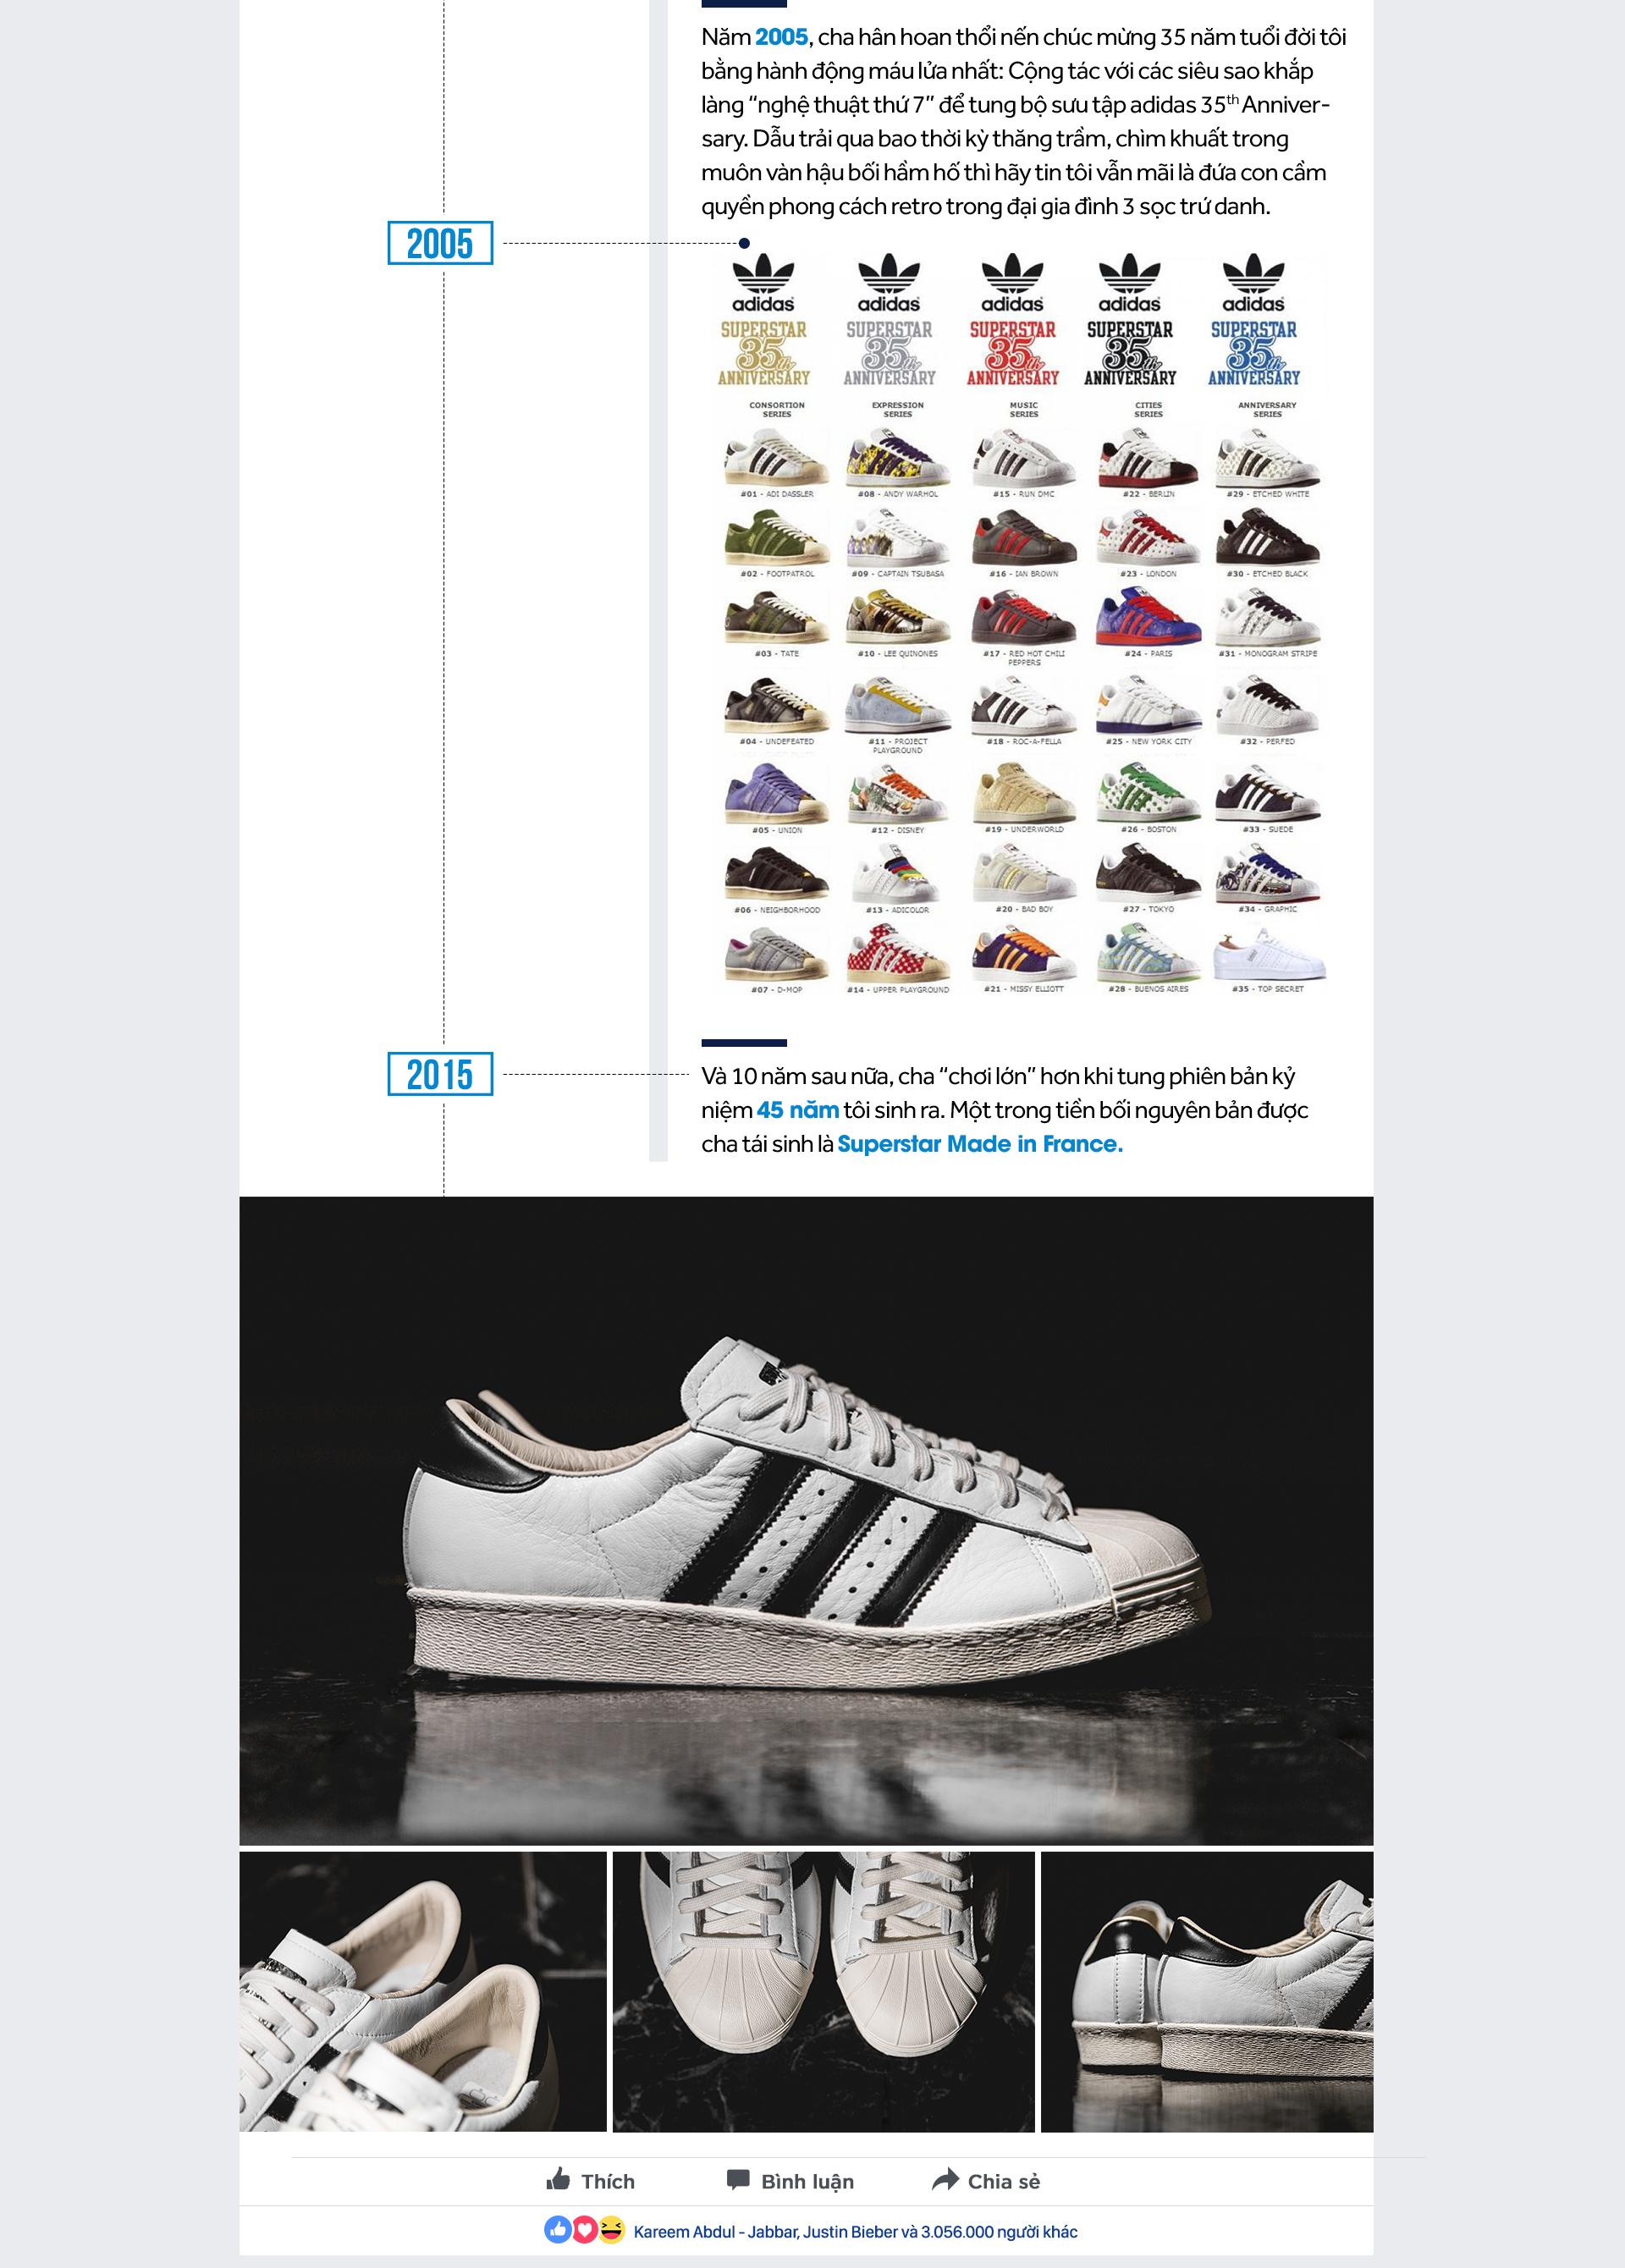 Hãy mãi nhắc về tôi, biểu tượng 'vỏ sò' cho một tuyên ngôn vĩnh cửu nhà adidas!